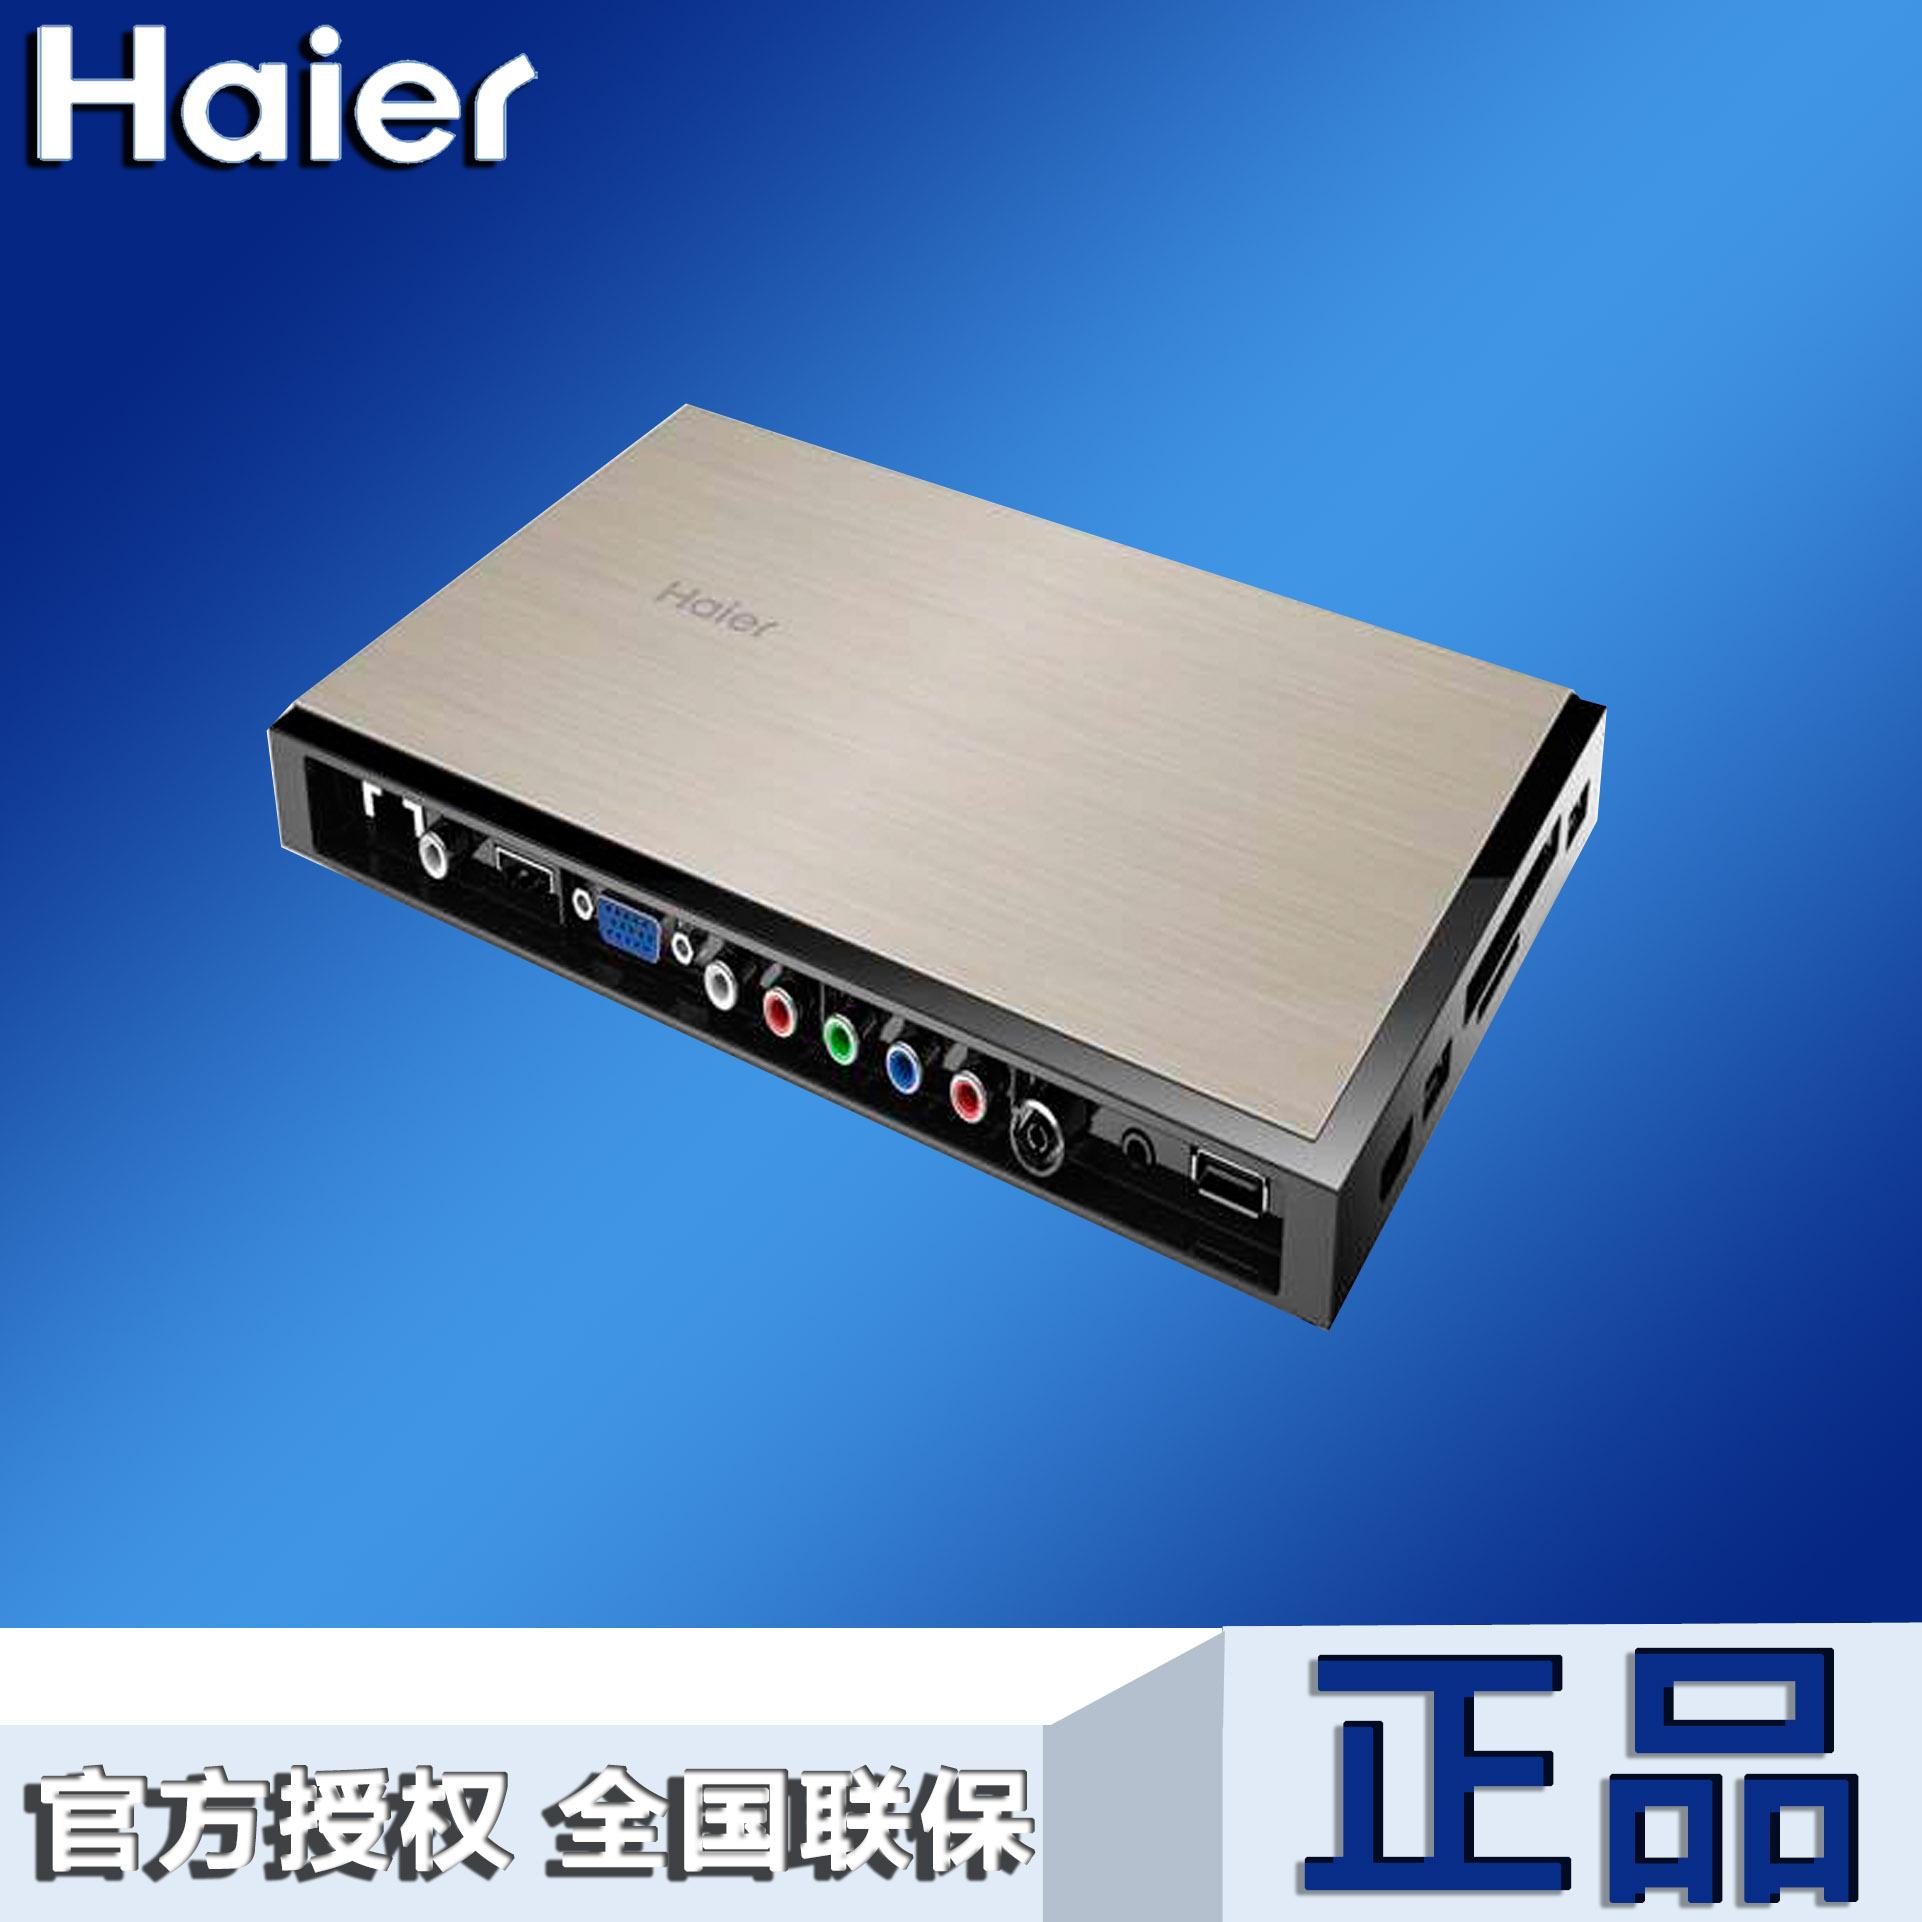 LED-телевизор Haier  MC-A1 LD49U9000 LE48A7000